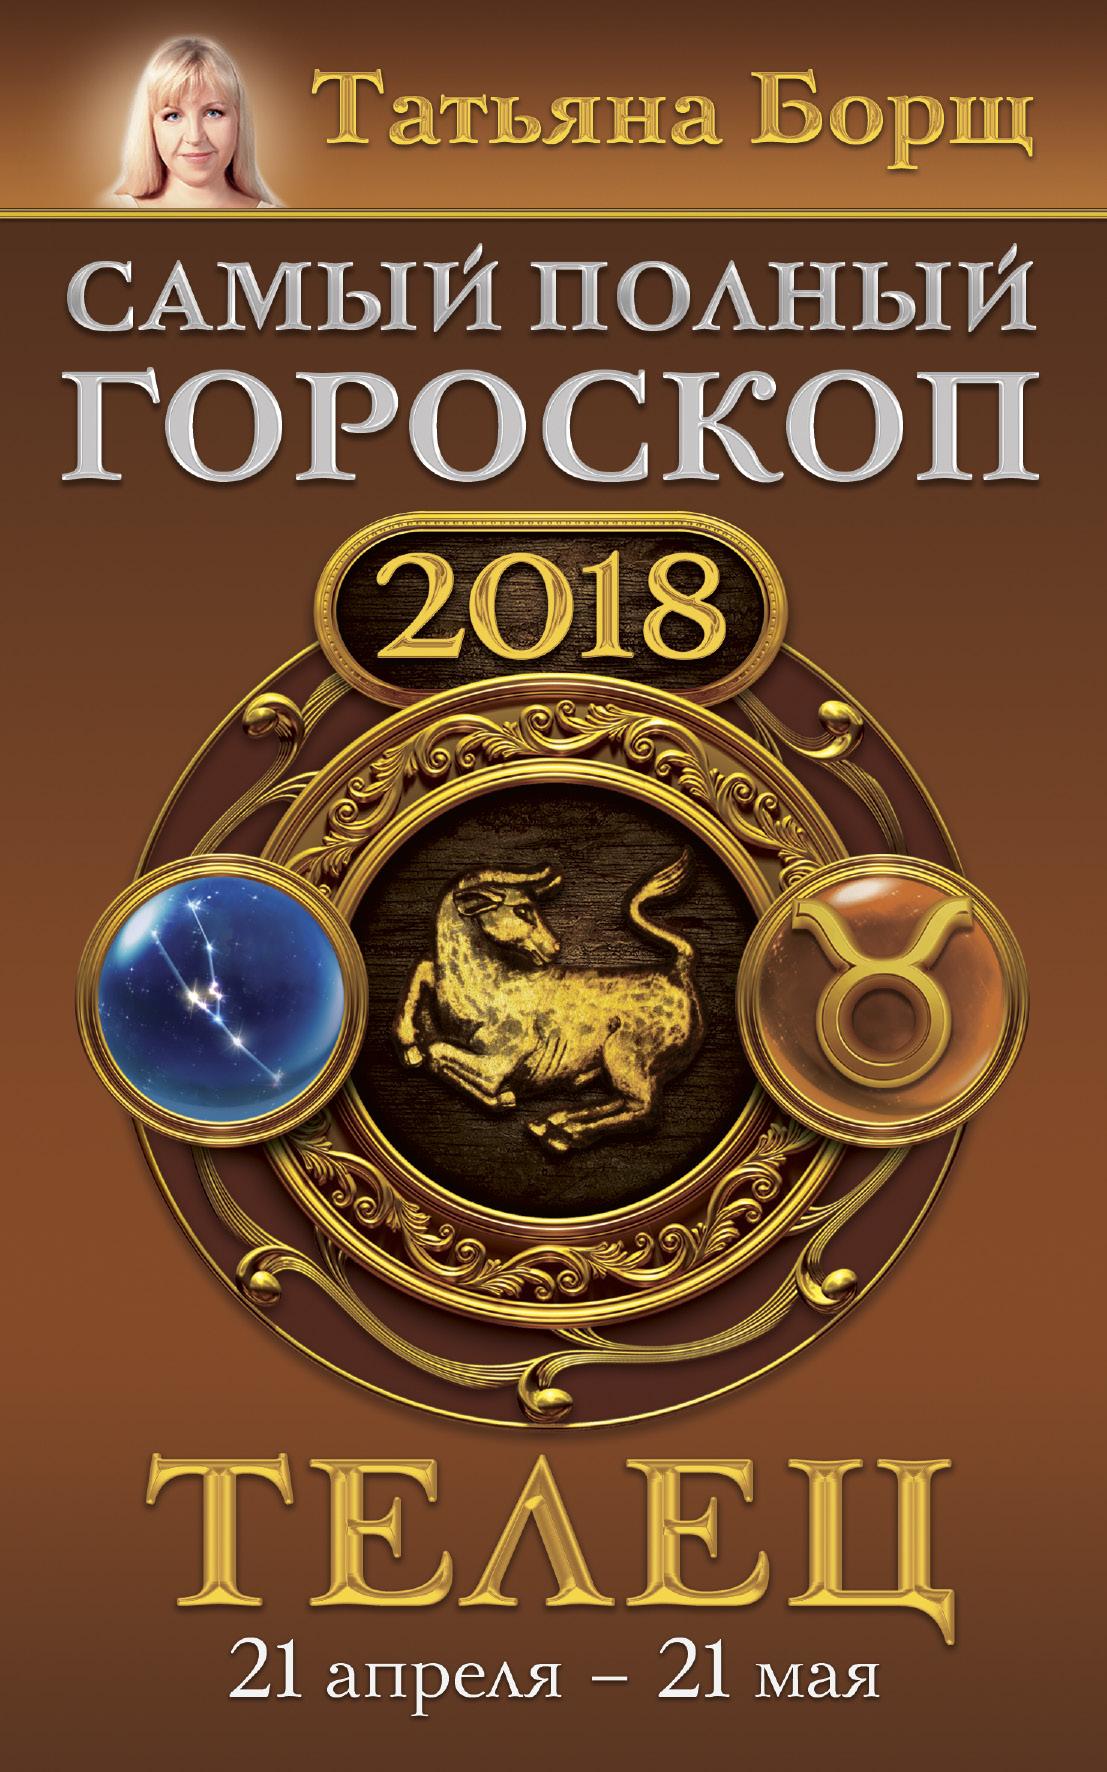 Борщ Татьяна Телец. Самый полный гороскоп на 2018 год. 21 апреля - 21 мая борщ татьяна юрьевна телец самый полный гороскоп на 2017 год 20 апреля 21 мая